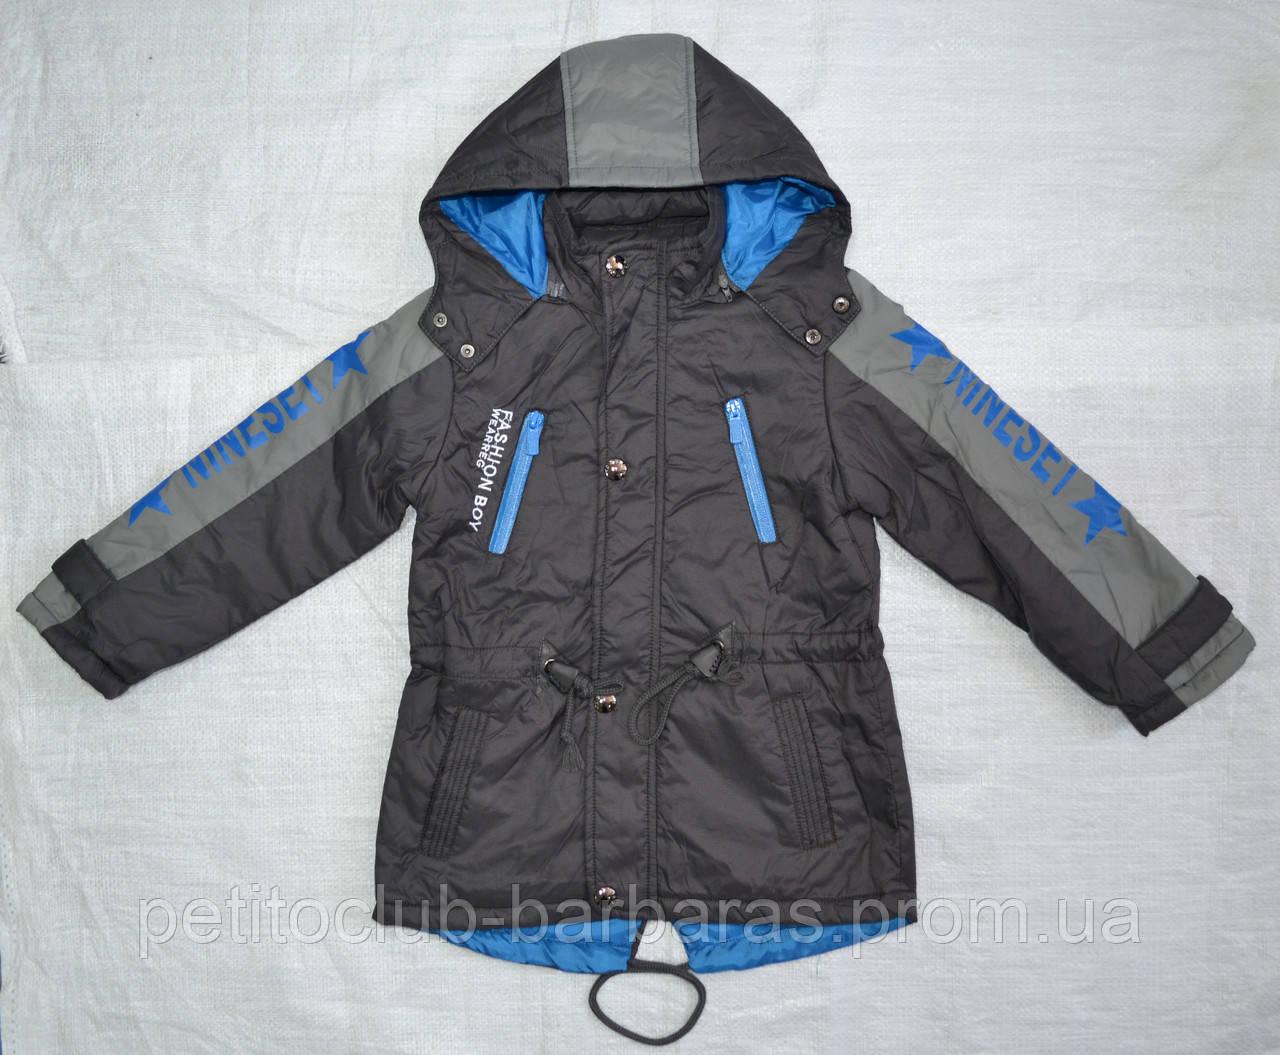 Детская демисезонная куртка для мальчика Nineset серая (Grace, Венгрия)